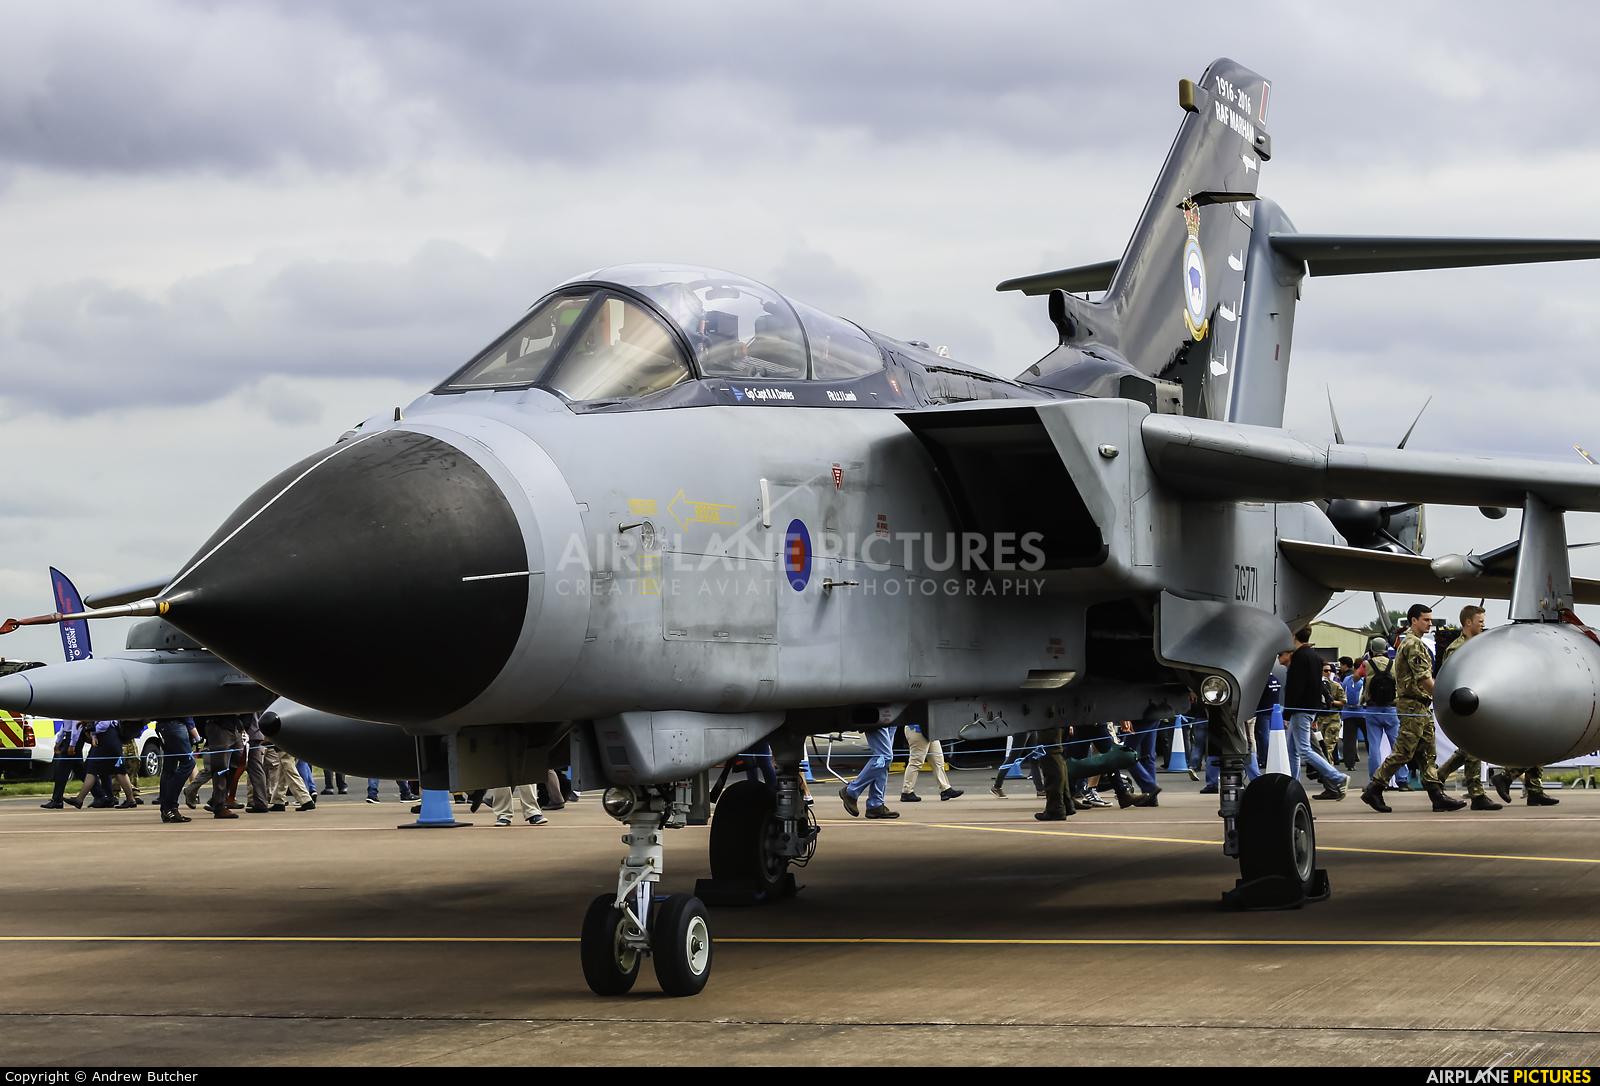 Royal Air Force ZG771 aircraft at Fairford